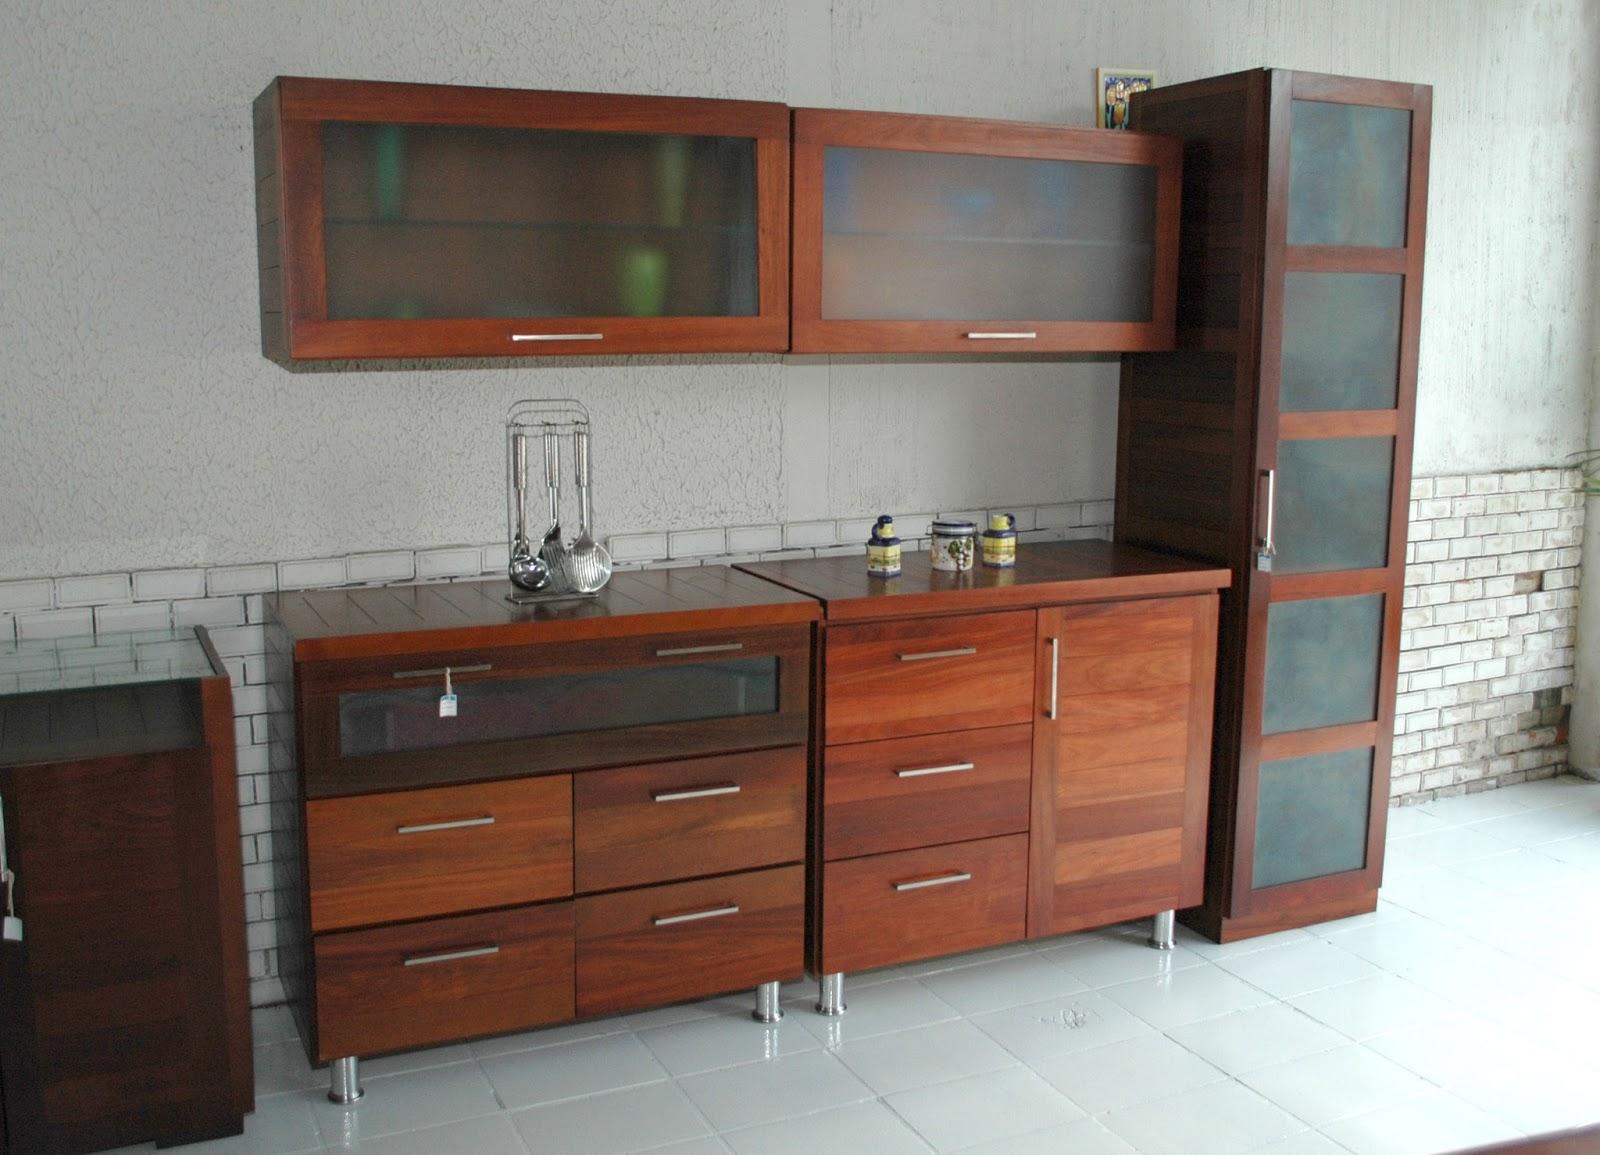 em madeira e MDF: Móveis feitos com reaproveitamento de madeira #75402C 1600x1155